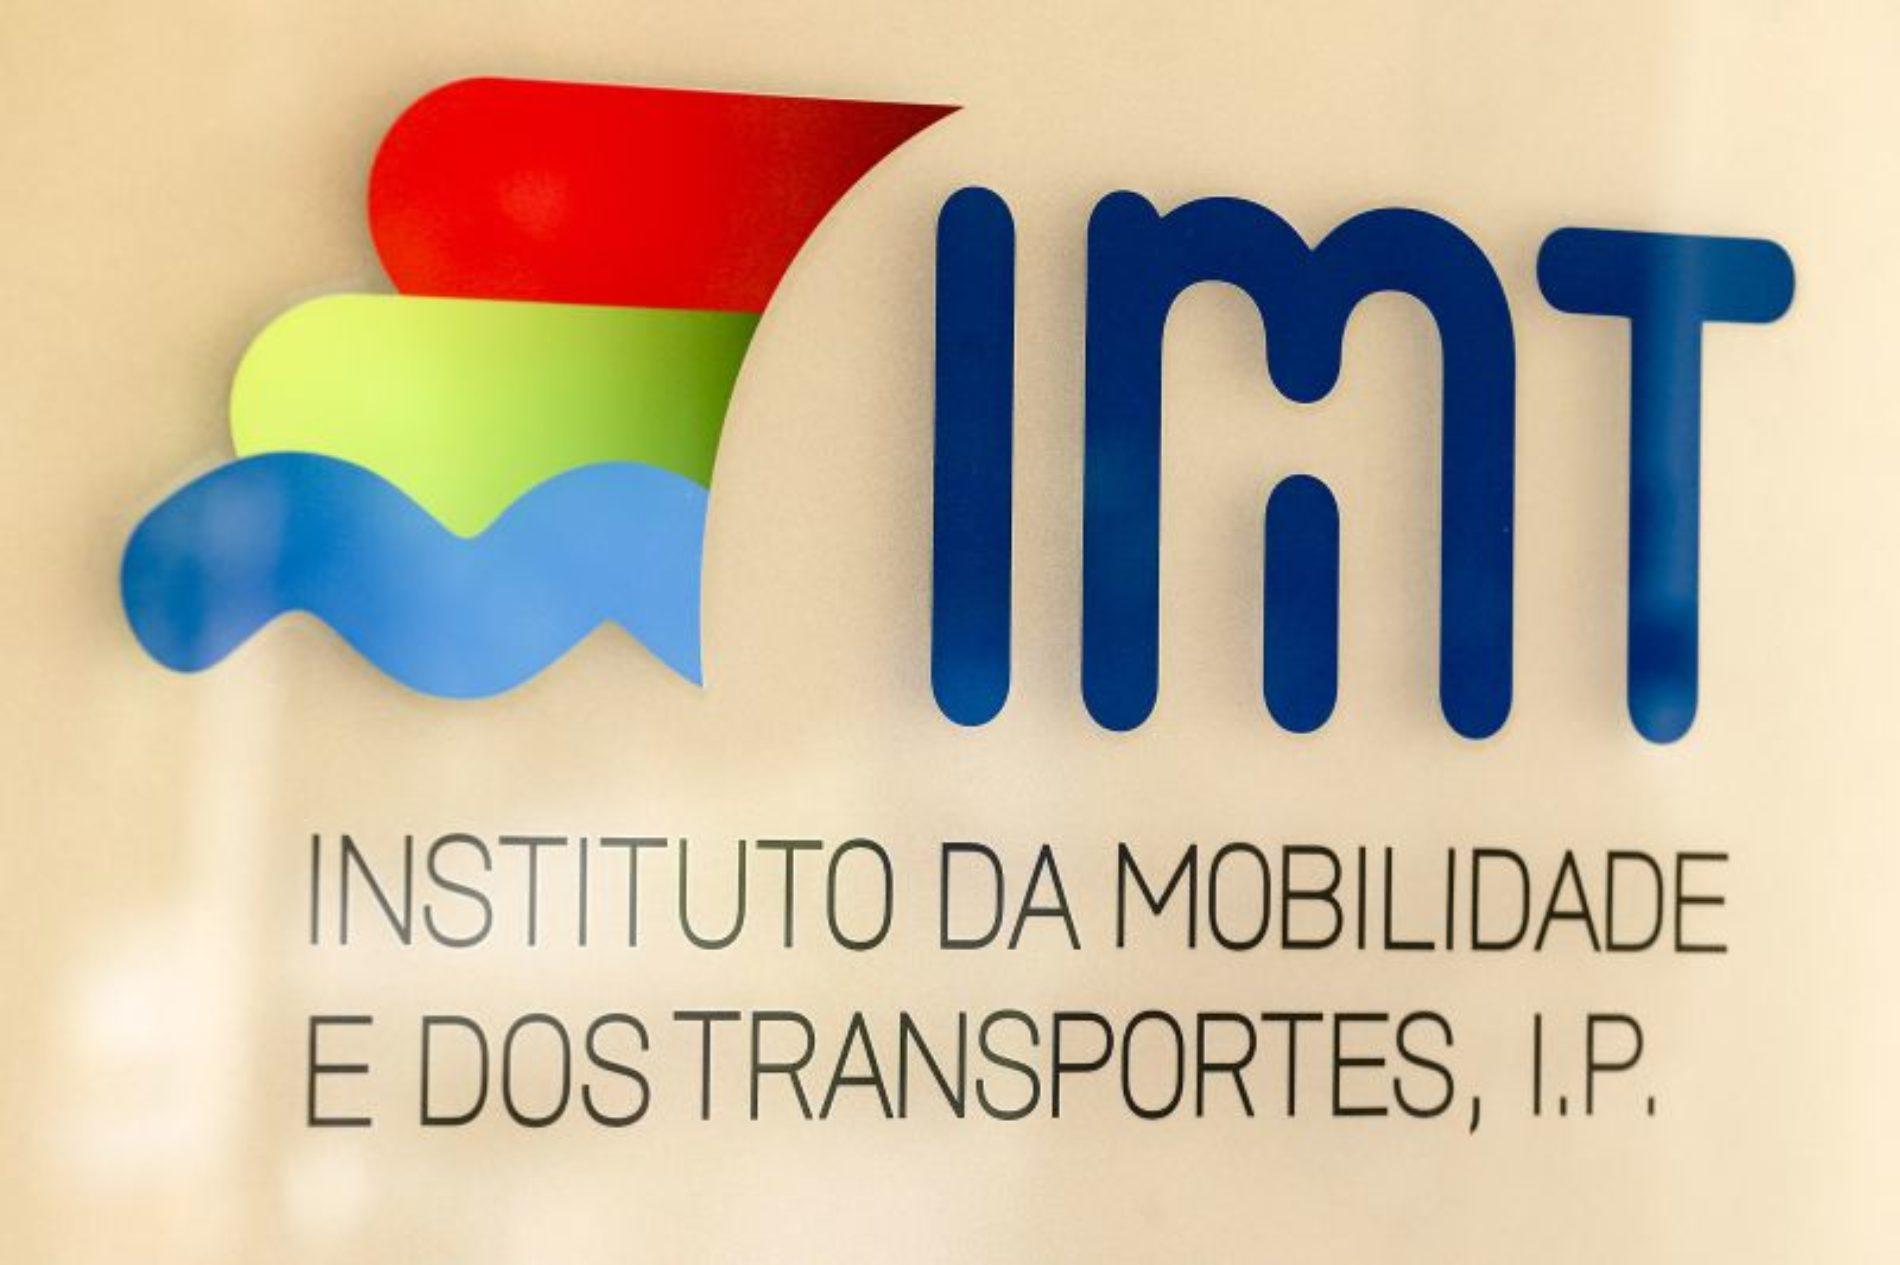 IMT recorre de decisão que declara ilegal fecho de centros de inspeção